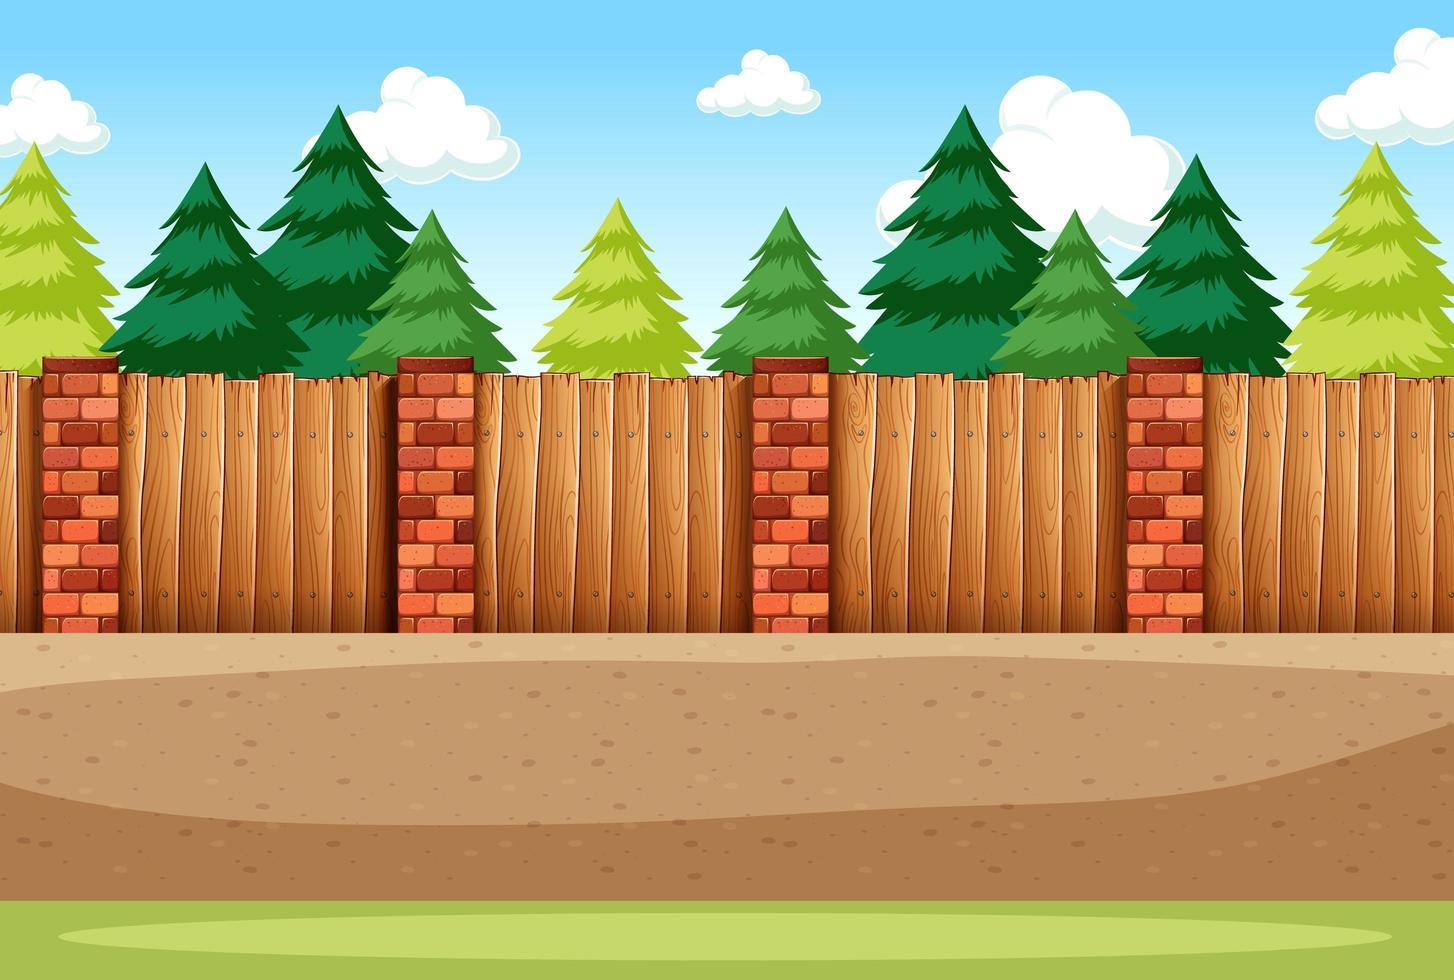 många tallar med tomt staket för bakgrundsscen vektor